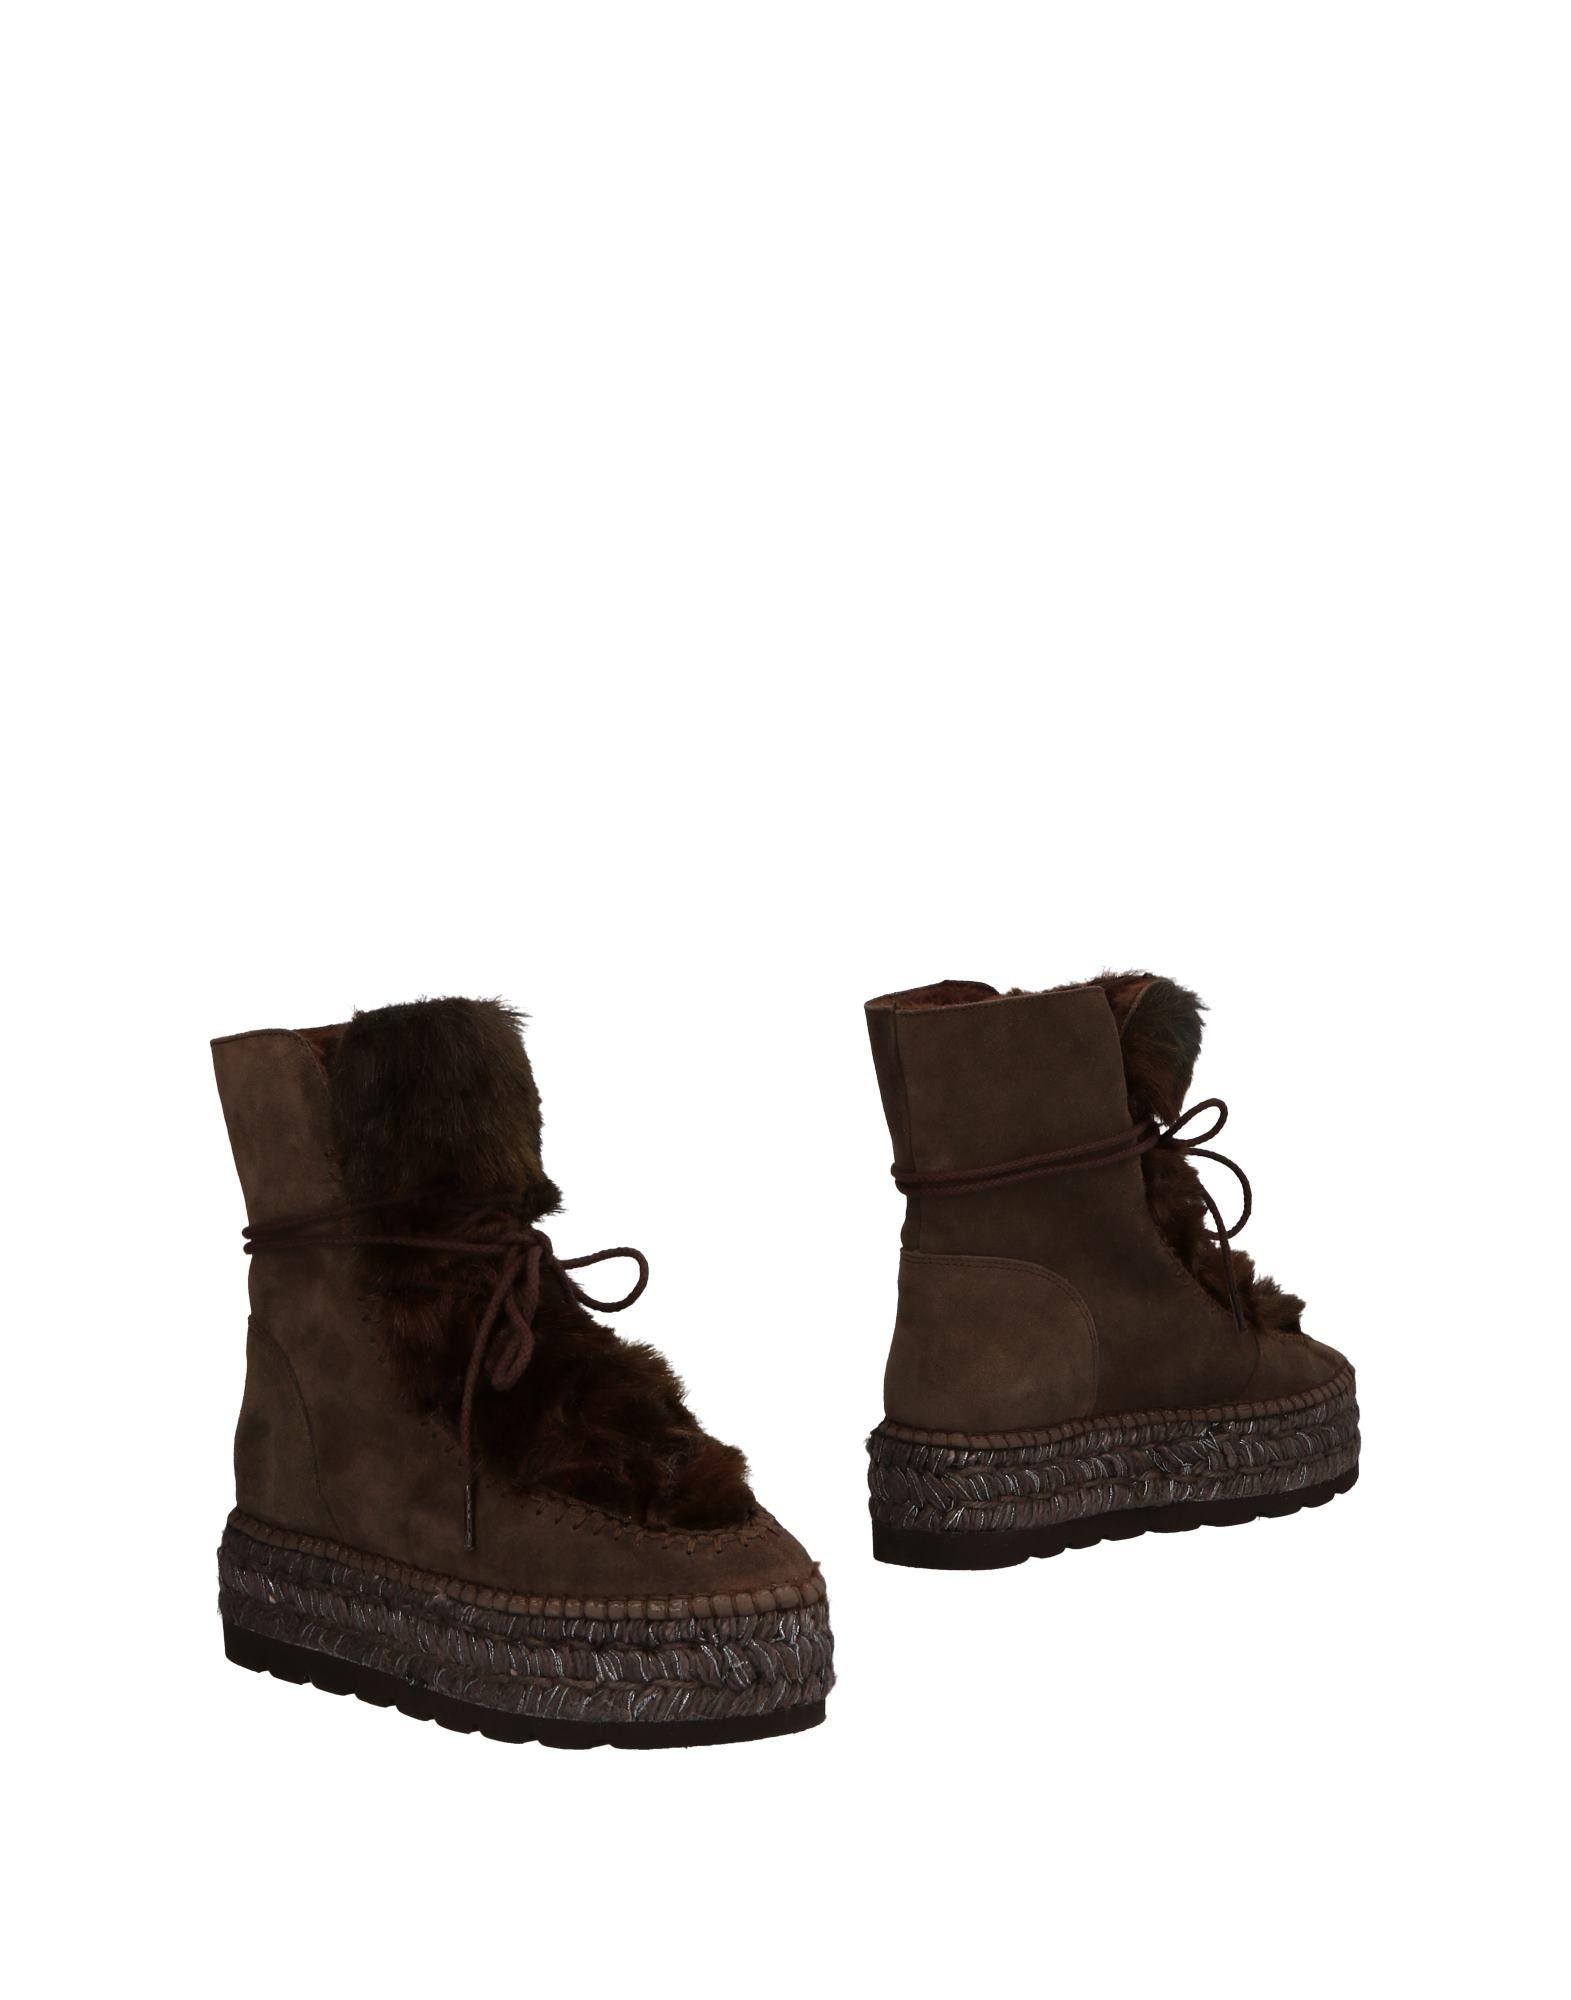 Vidorreta Stiefelette Damen  11486026SB Schuhe Gute Qualität beliebte Schuhe 11486026SB 8eb98f